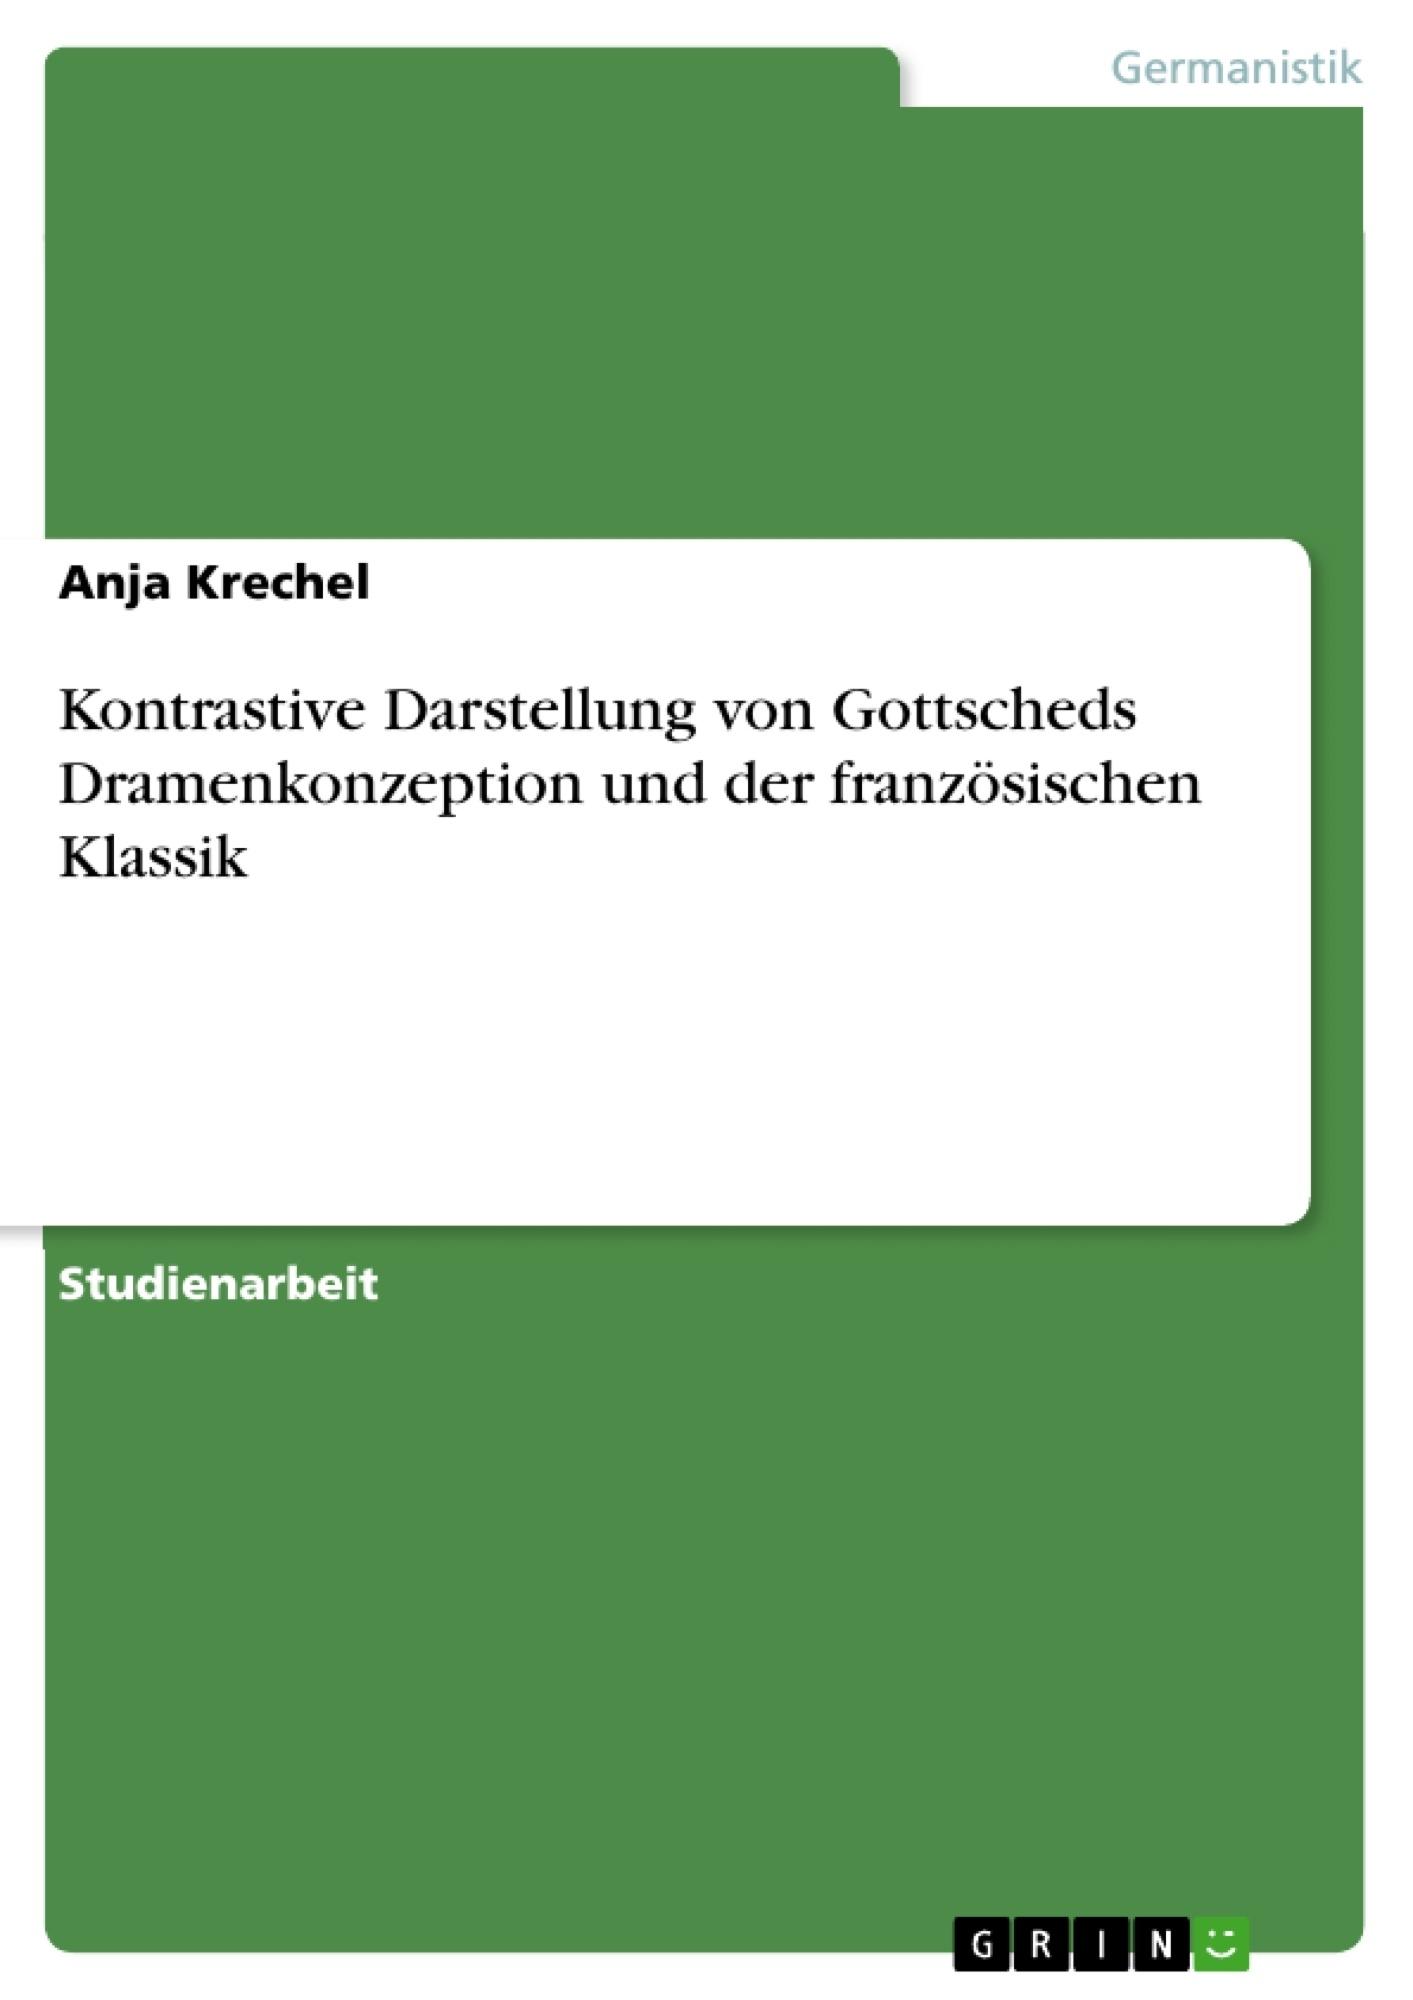 Titel: Kontrastive Darstellung von Gottscheds Dramenkonzeption und der französischen Klassik